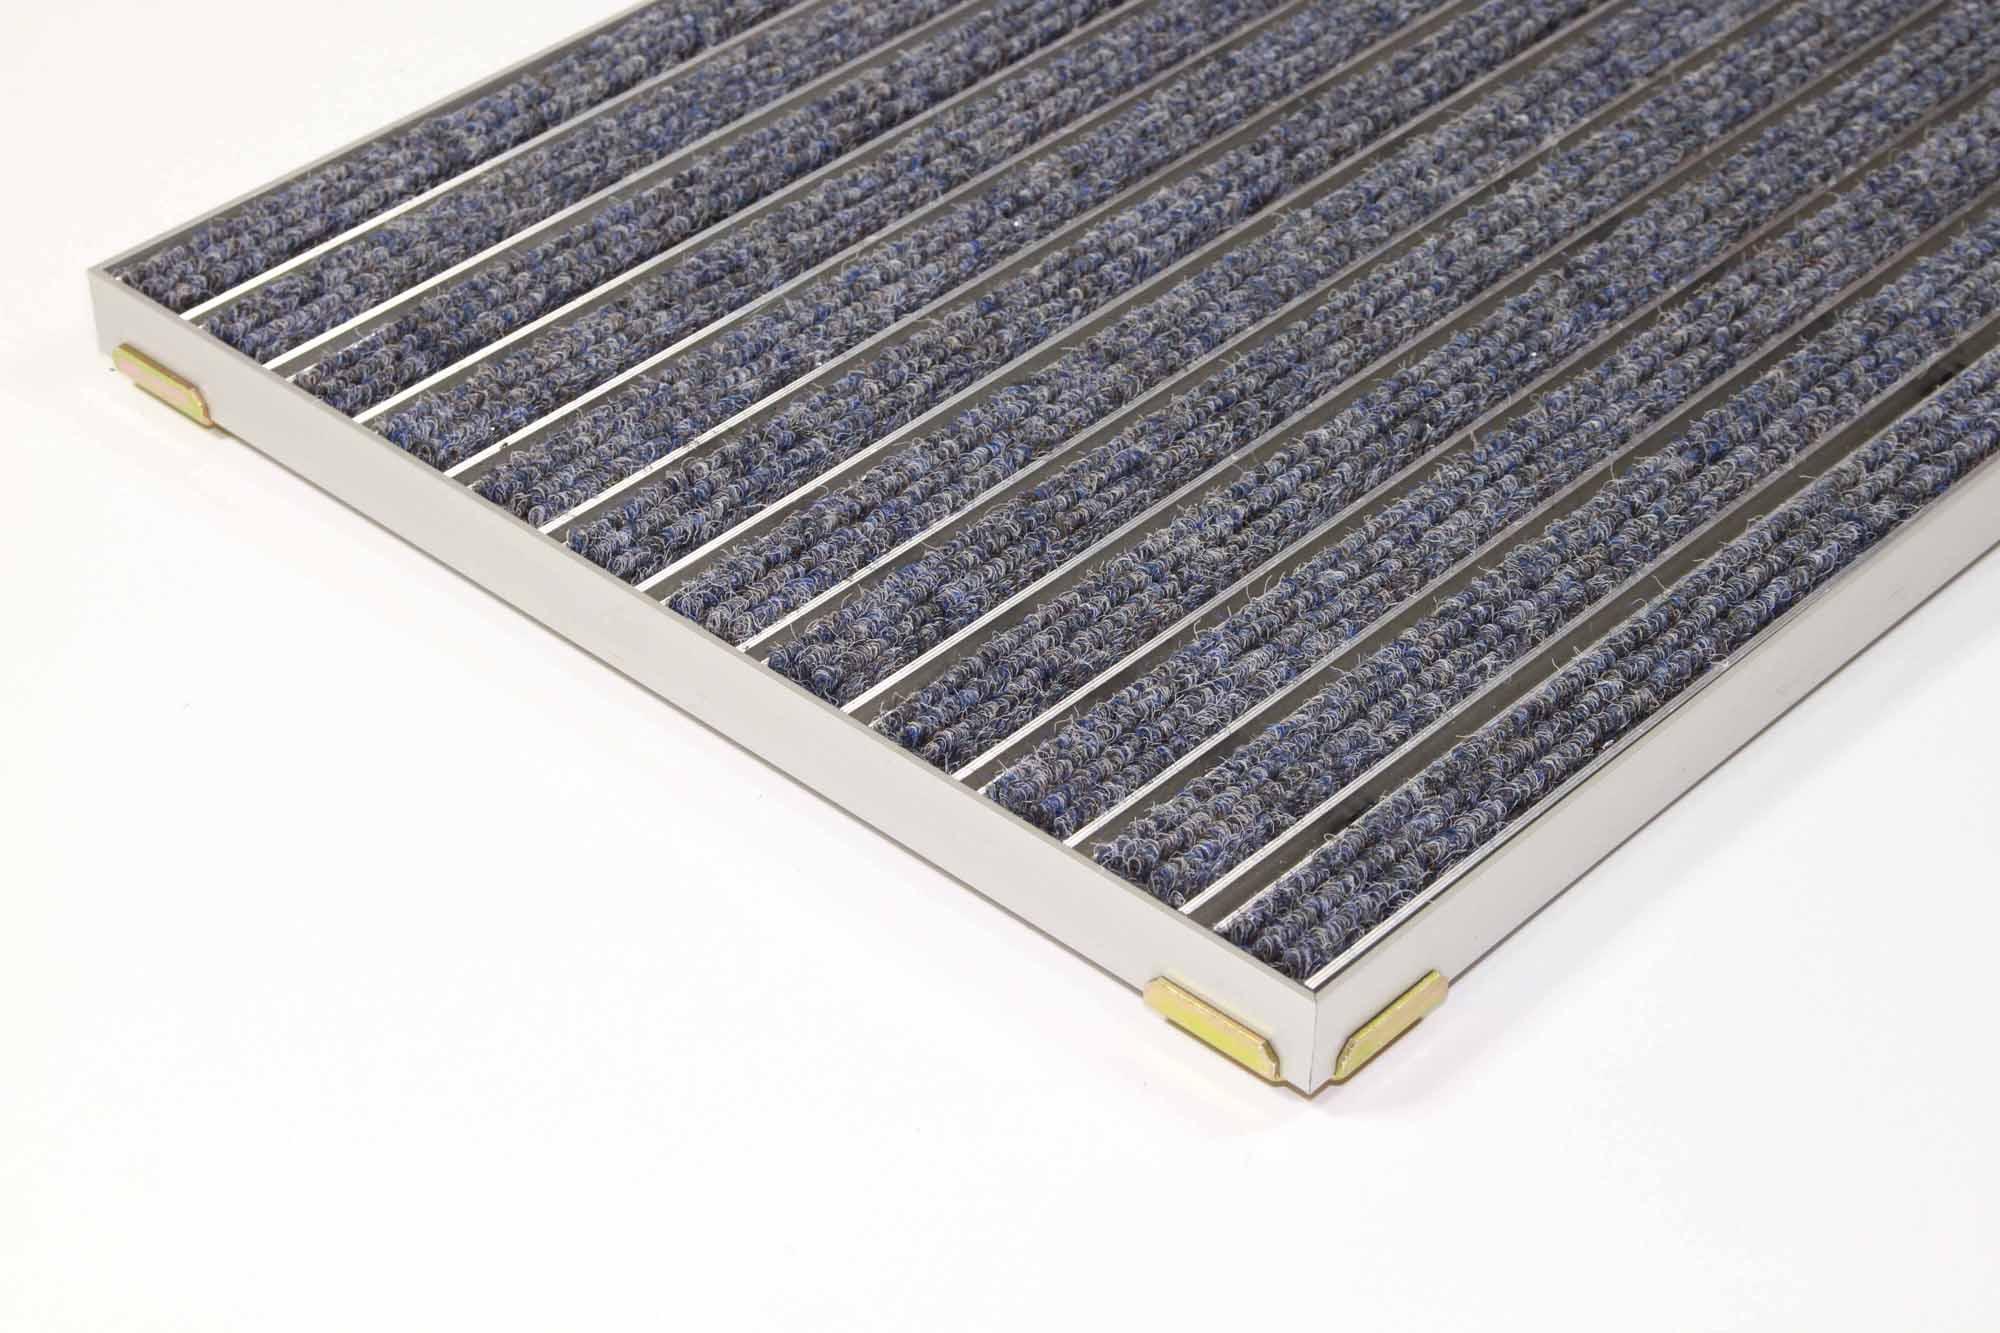 emco eingangsmatte diplomat 22mm blau ripseinlage mit einbaurahmen fu abstreifer schuhabstreifer. Black Bedroom Furniture Sets. Home Design Ideas